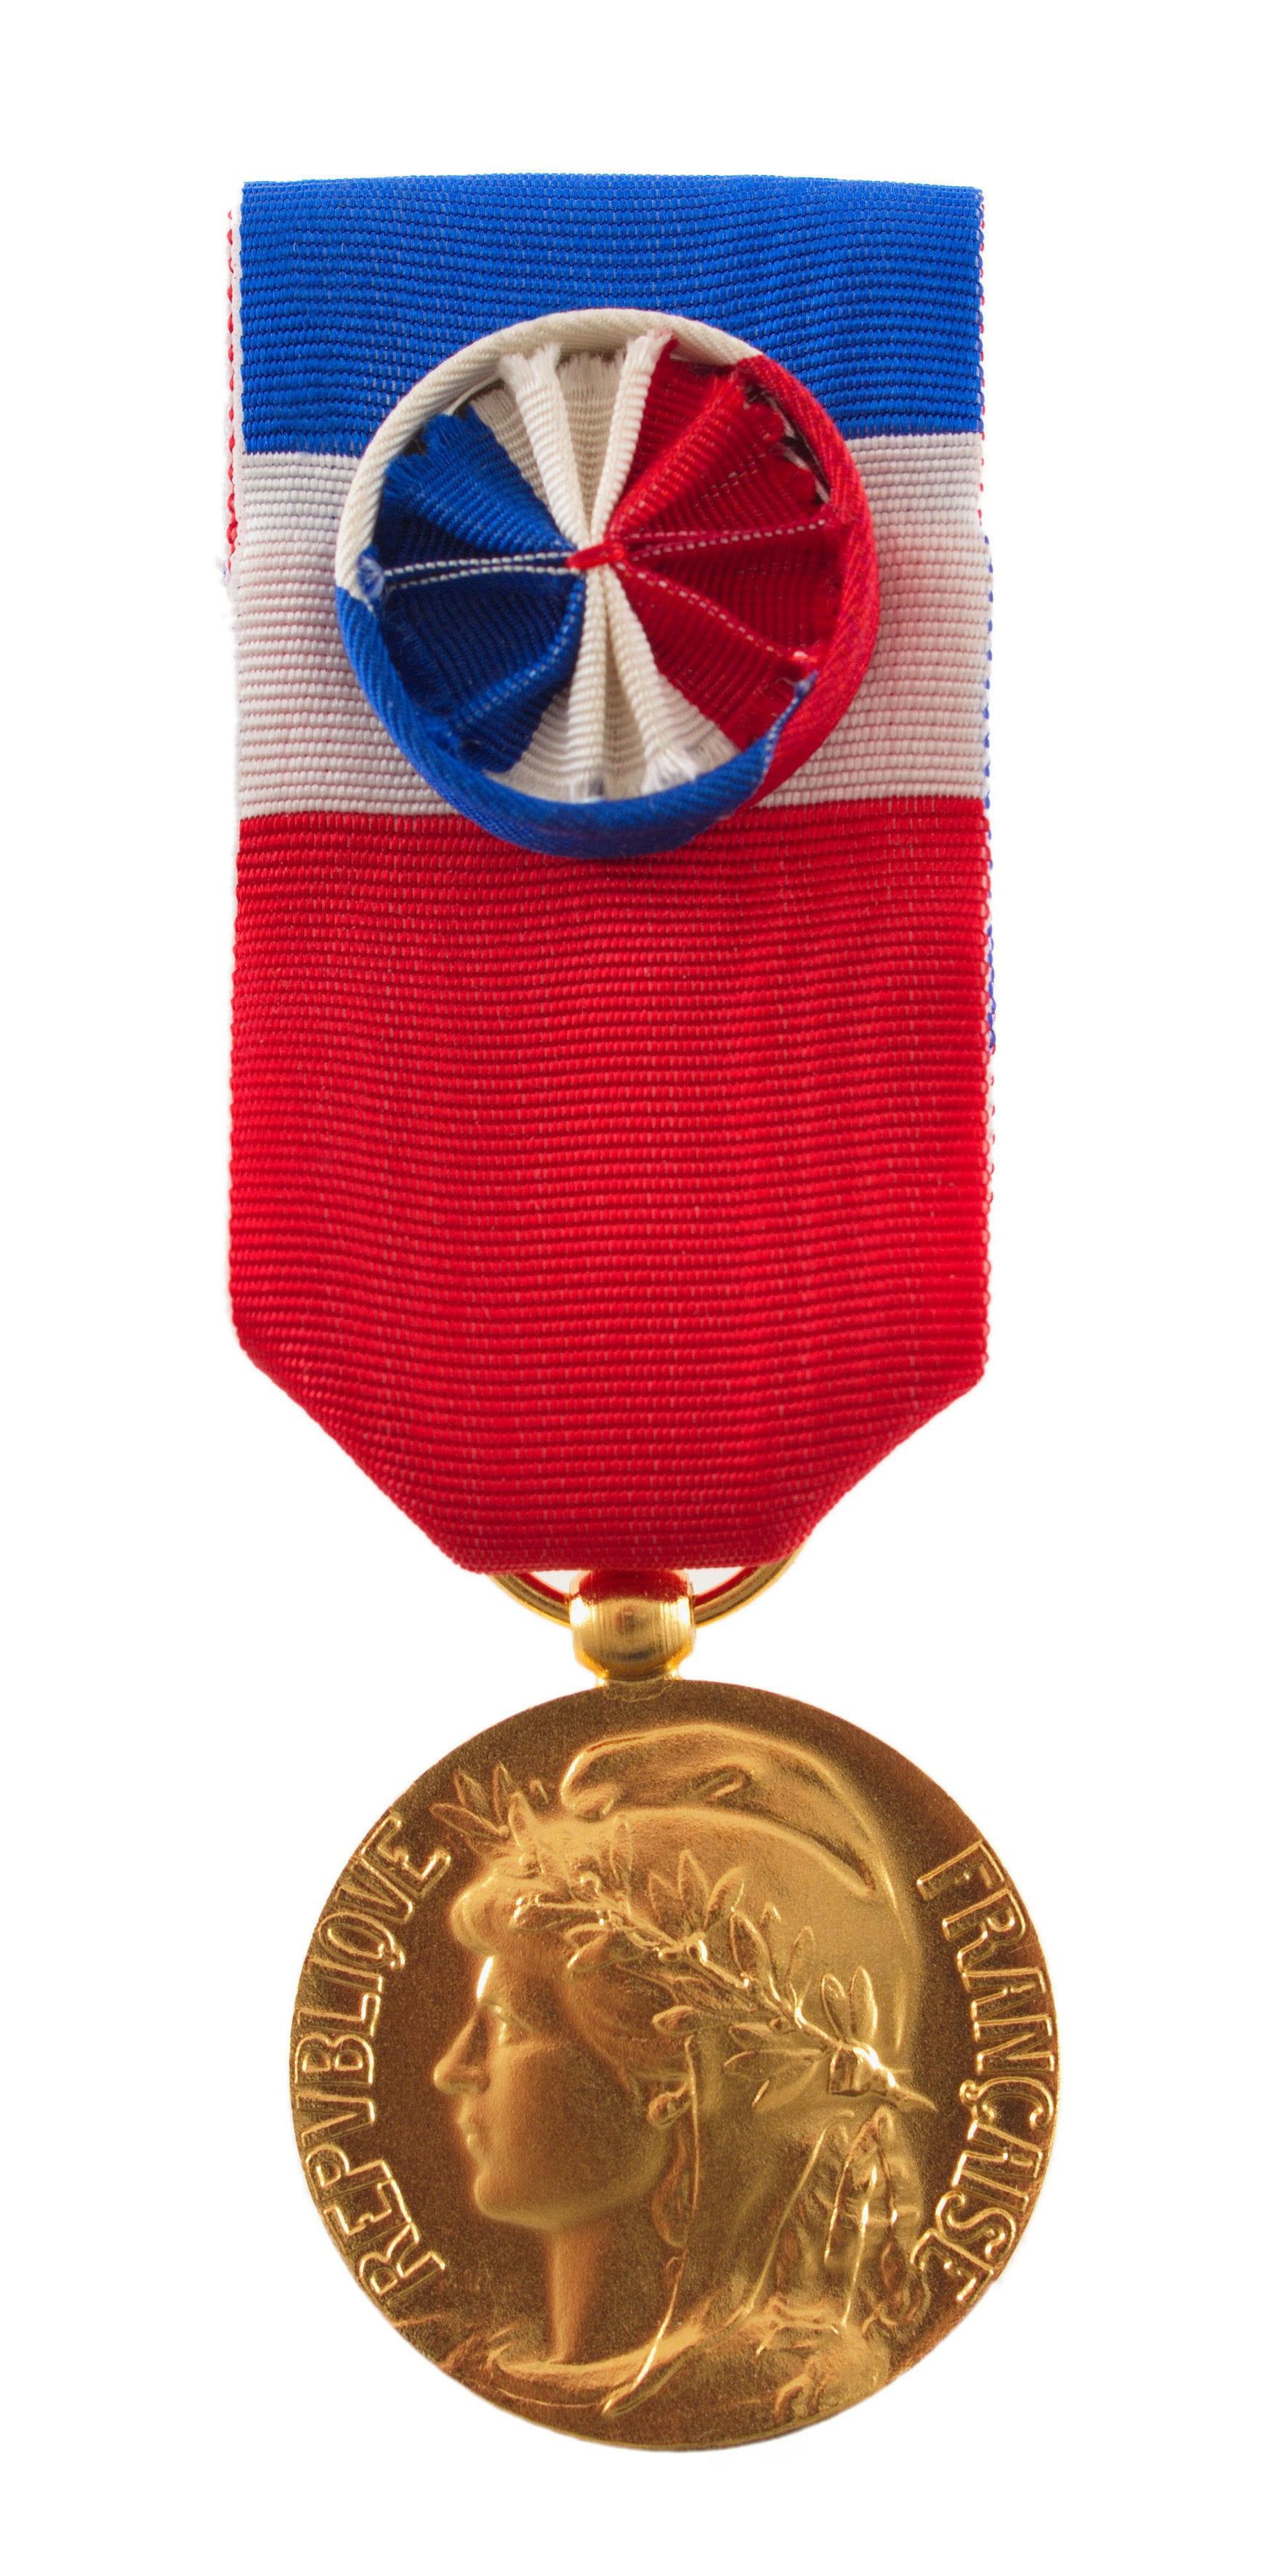 La Prime Liee A La Medaille Du Travail